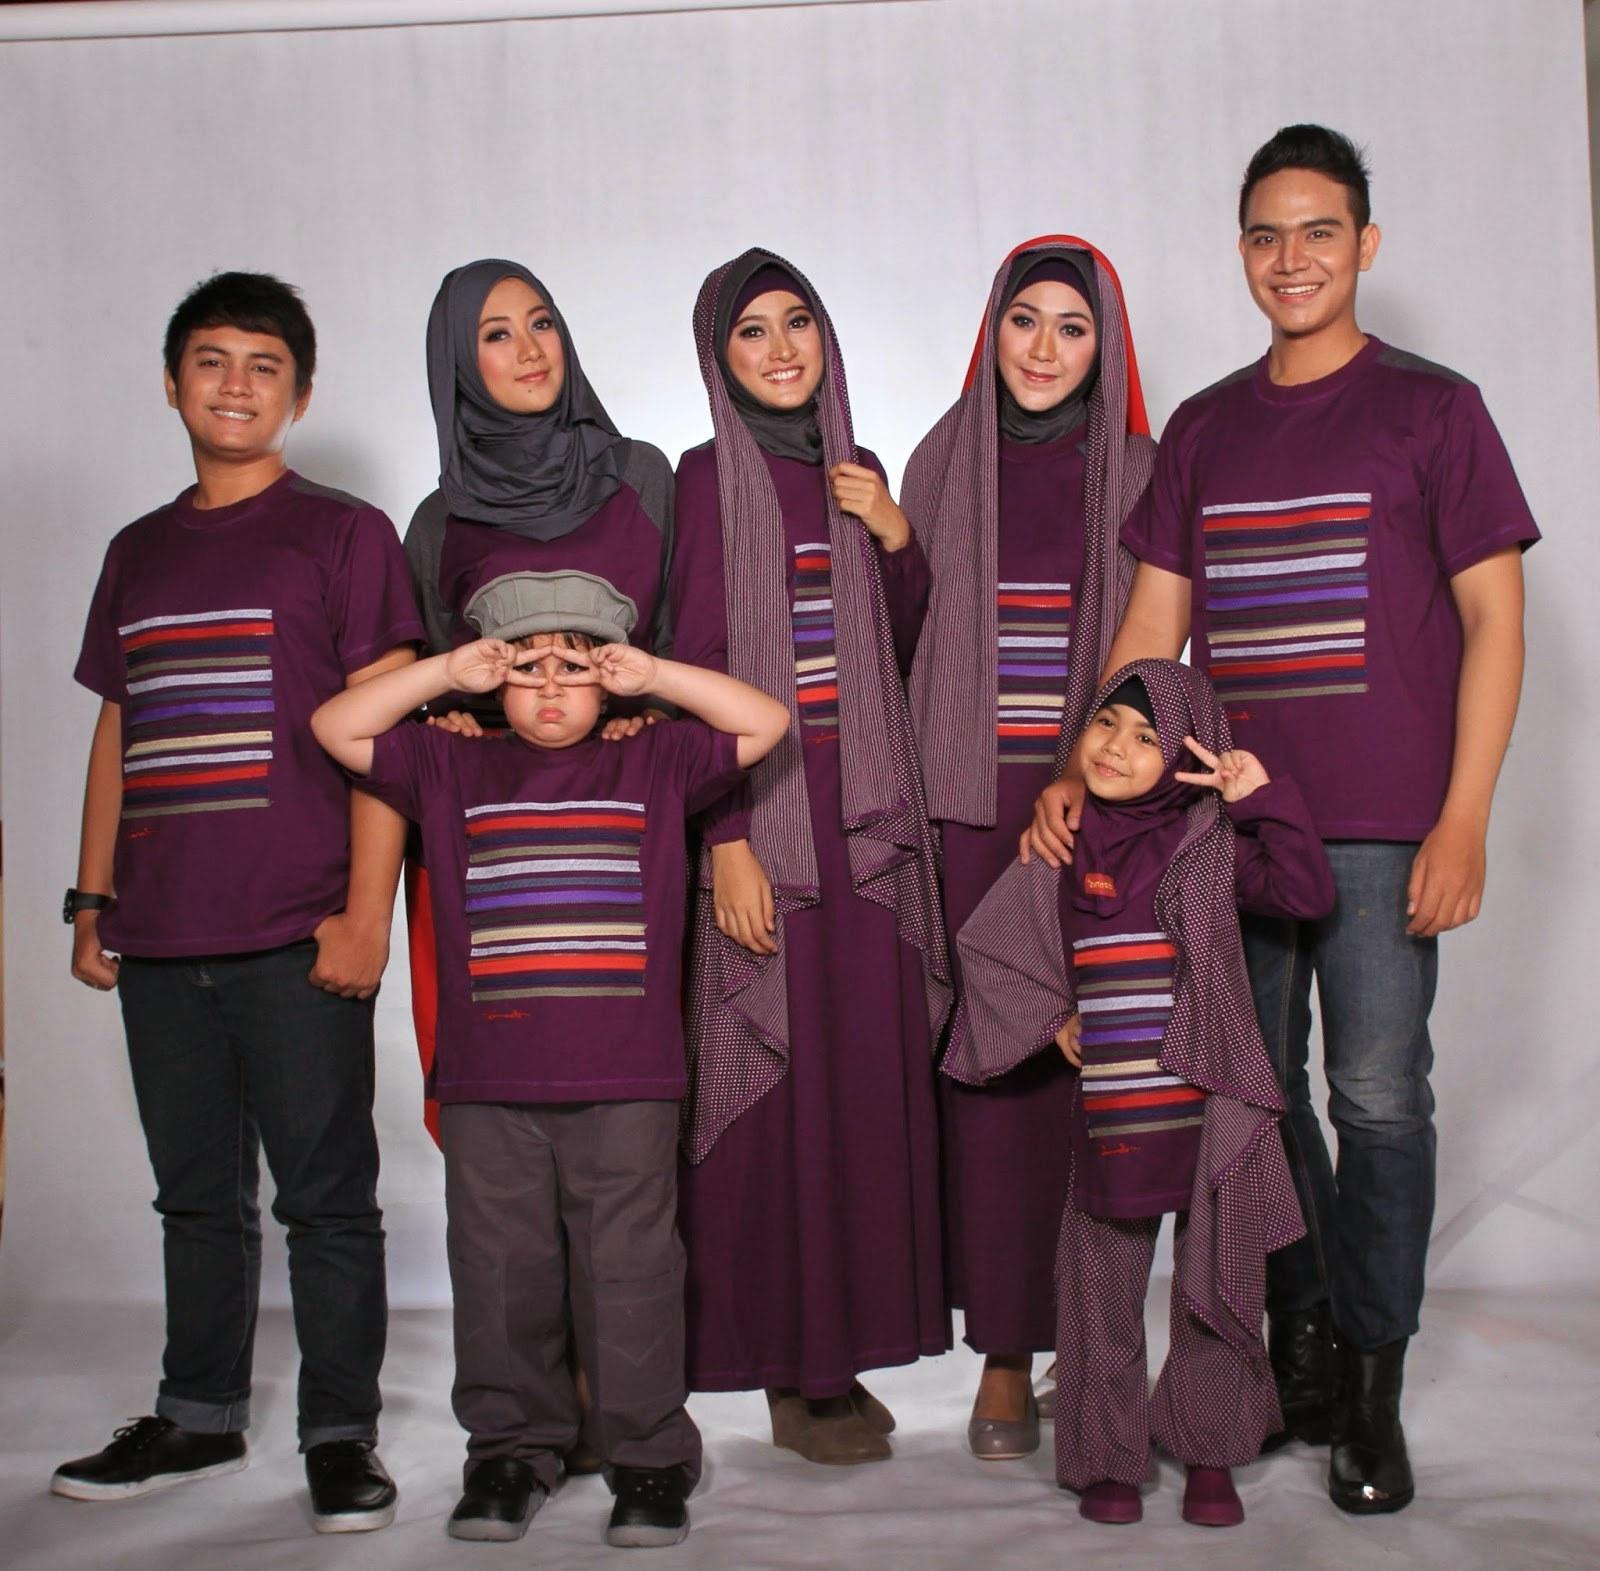 Bentuk Baju Lebaran Untuk Ibu Zwd9 Model Baju Keluarga Untuk Hari Raya Lebaran 2018